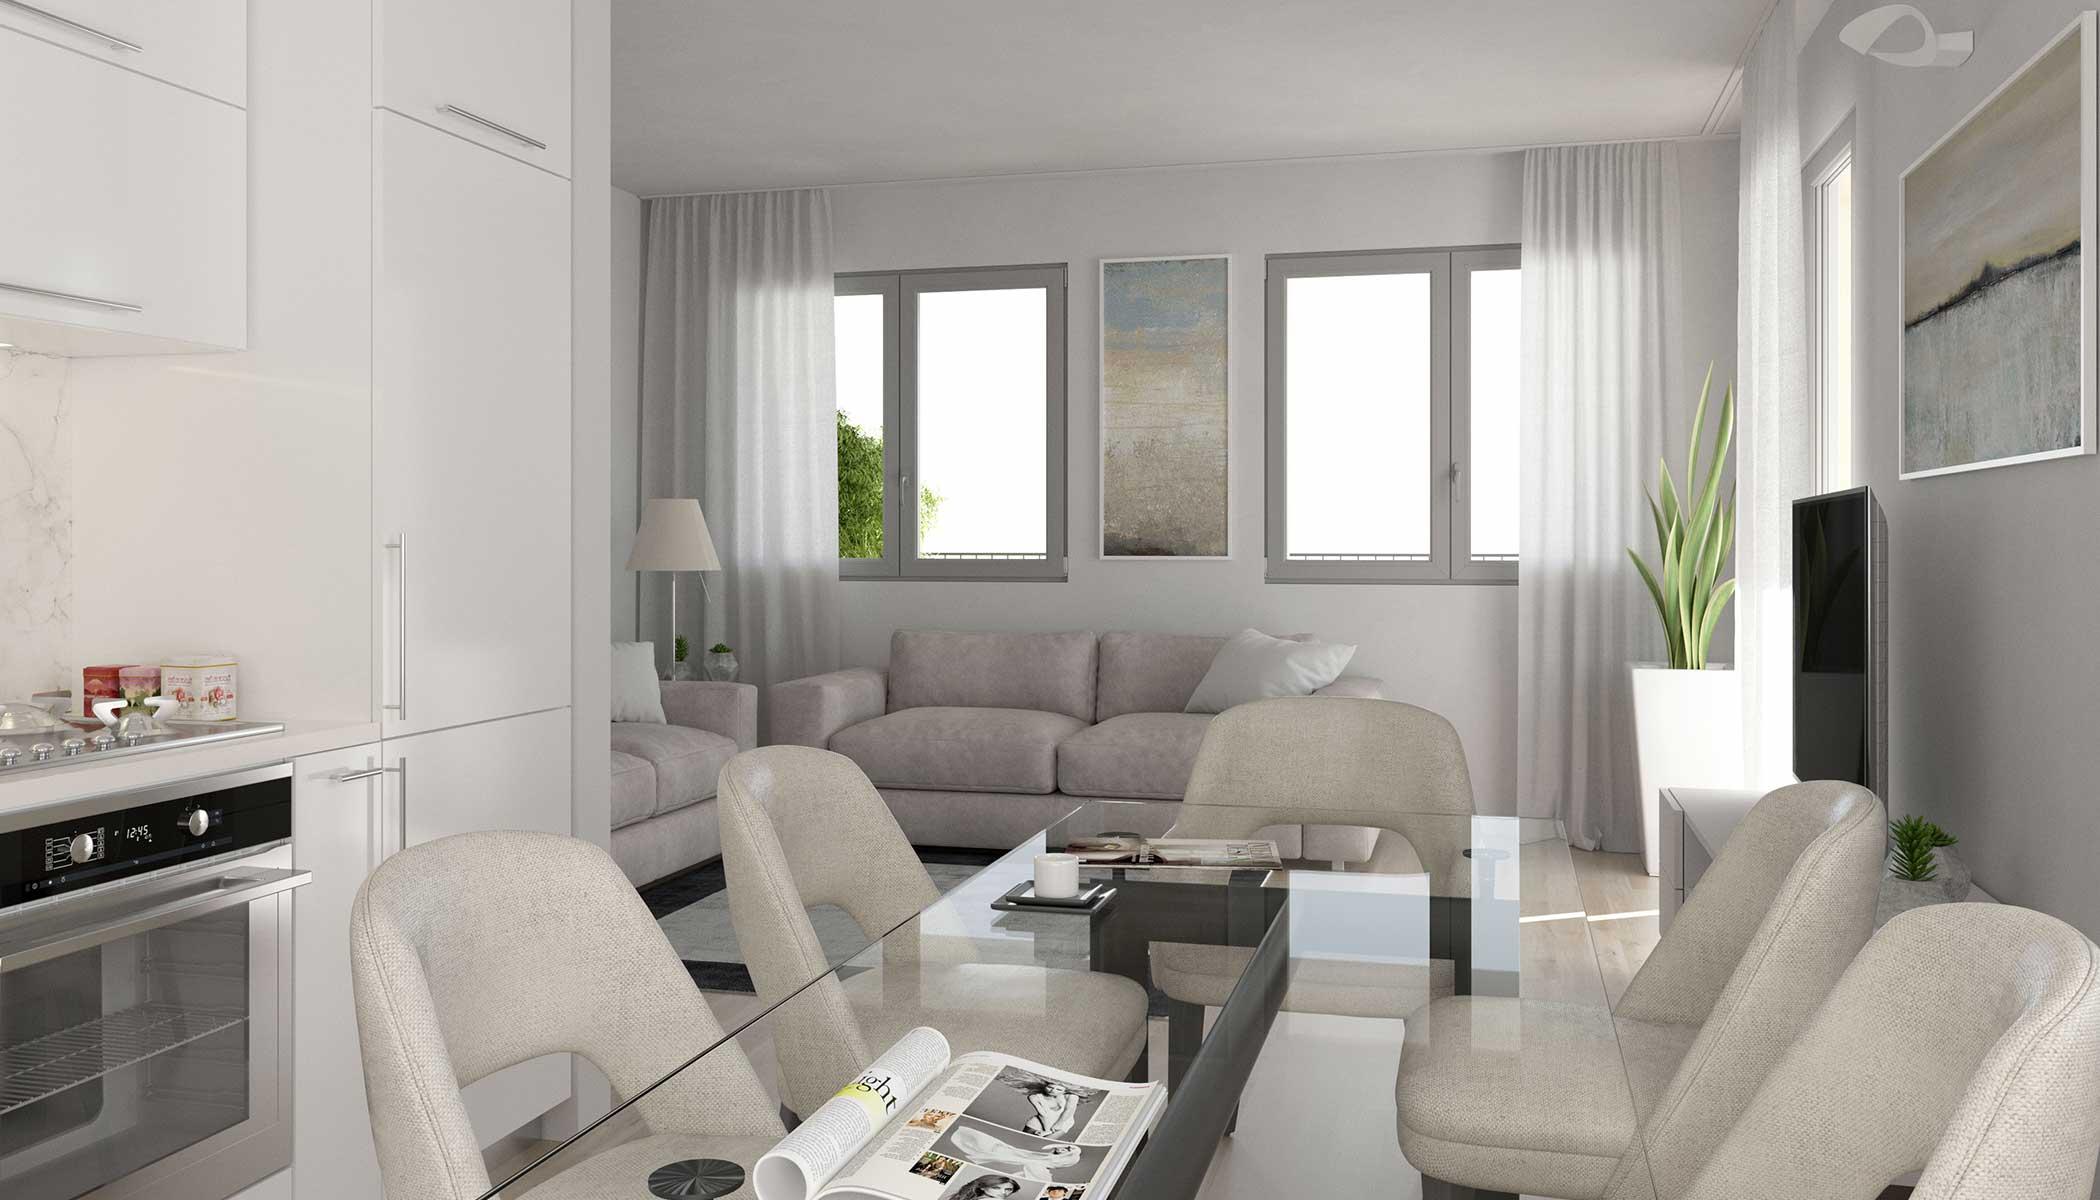 bordighera 31 rendering interni 03